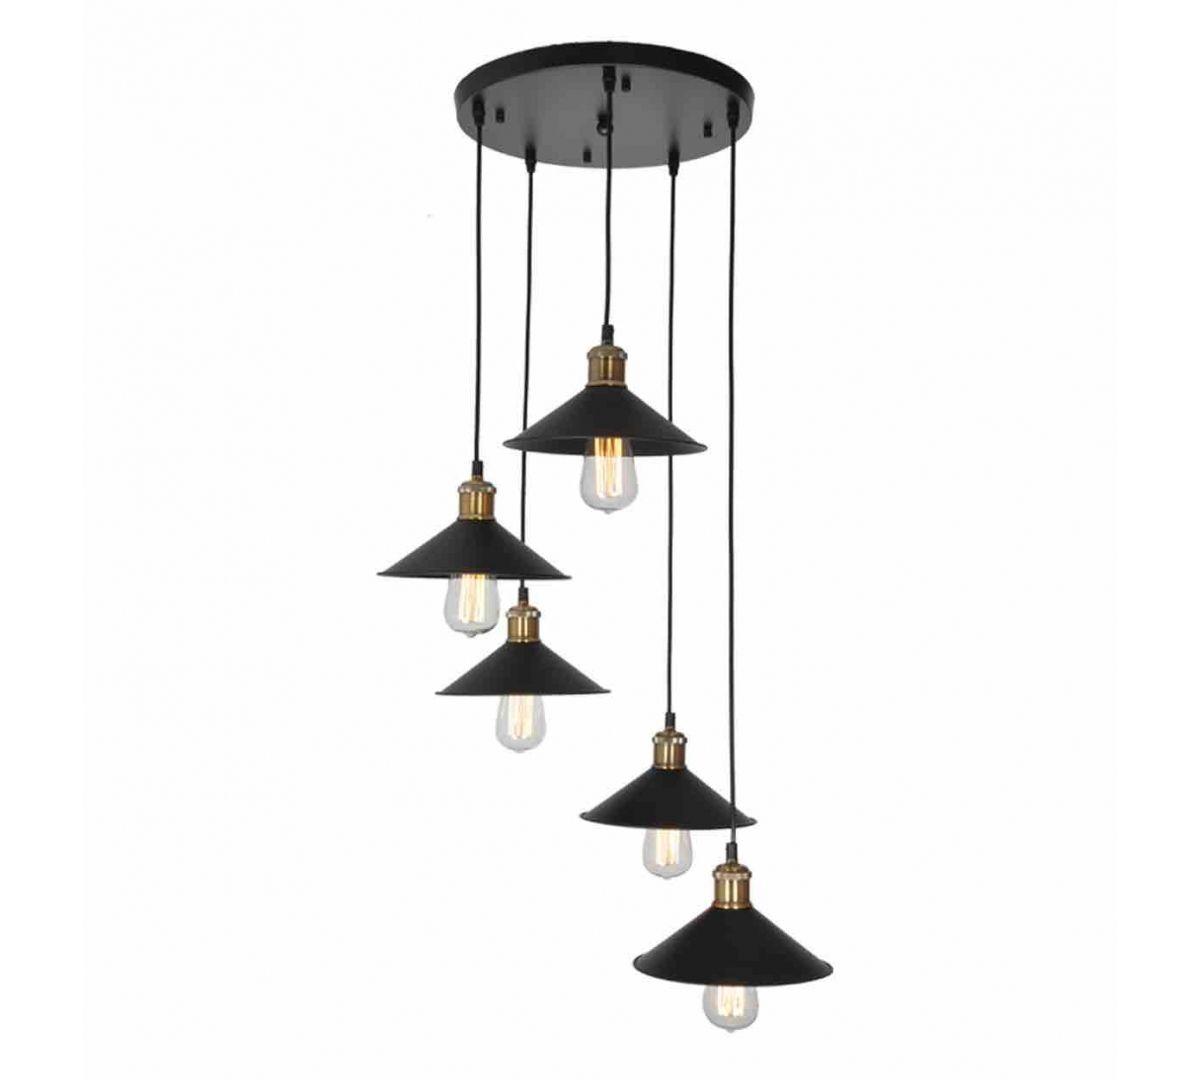 מדהים רוקסנה תליה X5 - מנורות תלייה | מחסני תאורה | מחסני תאורה TX-72